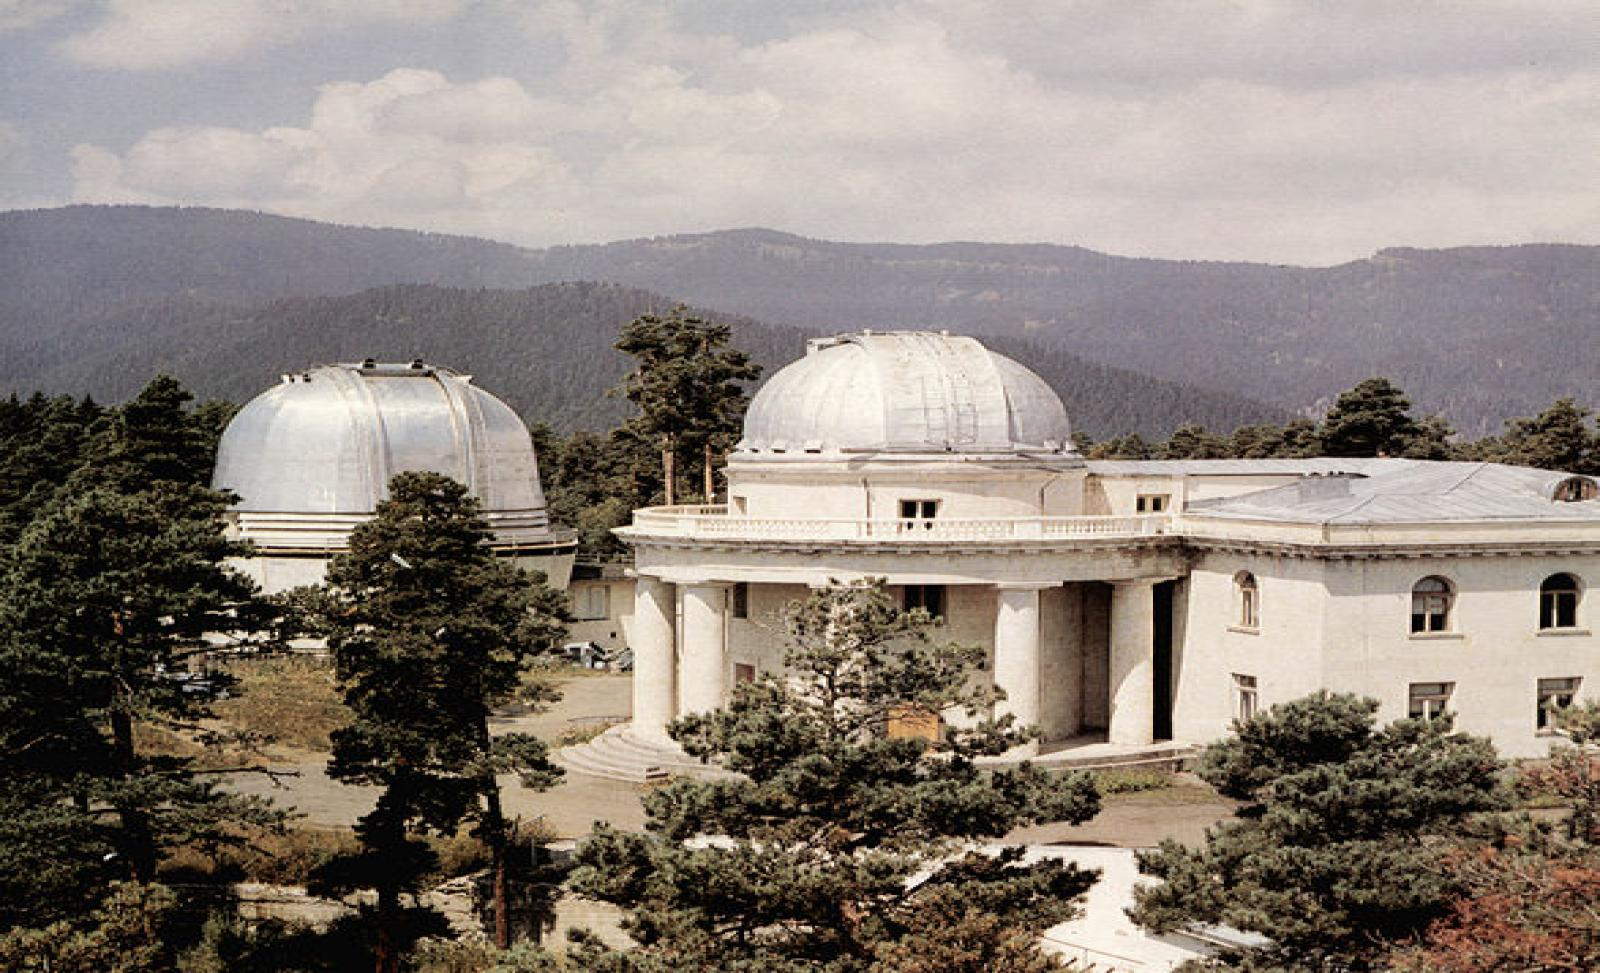 Обсерватория, построенная во времена СССР